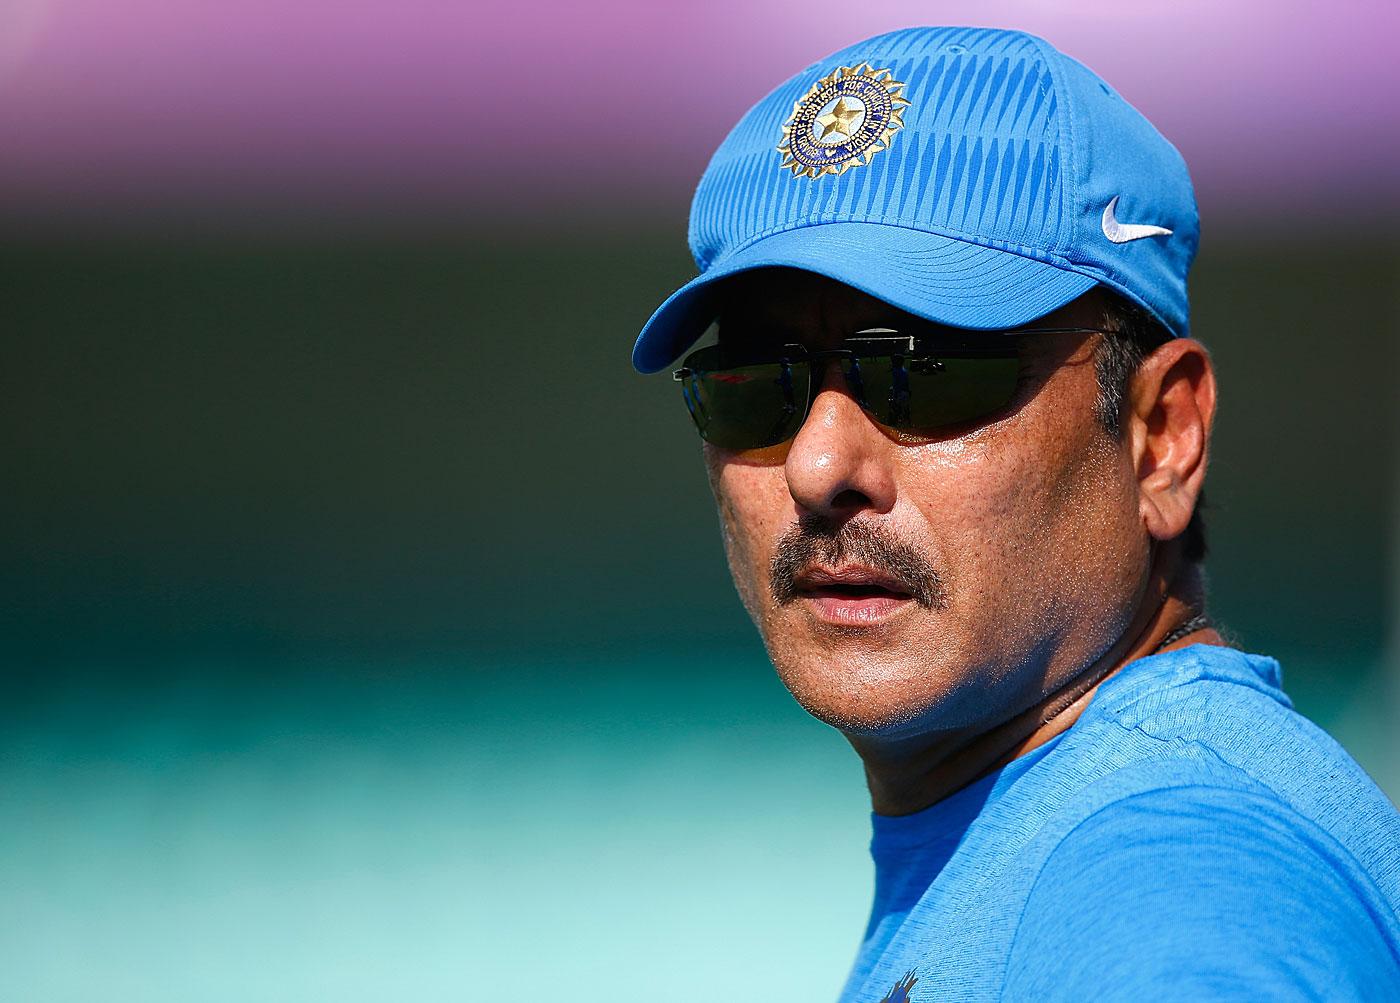 शास्त्री के डायरेक्टर रहते हुए भारतीय टीम को मिली थी ये 5 शर्मनाक हार 1